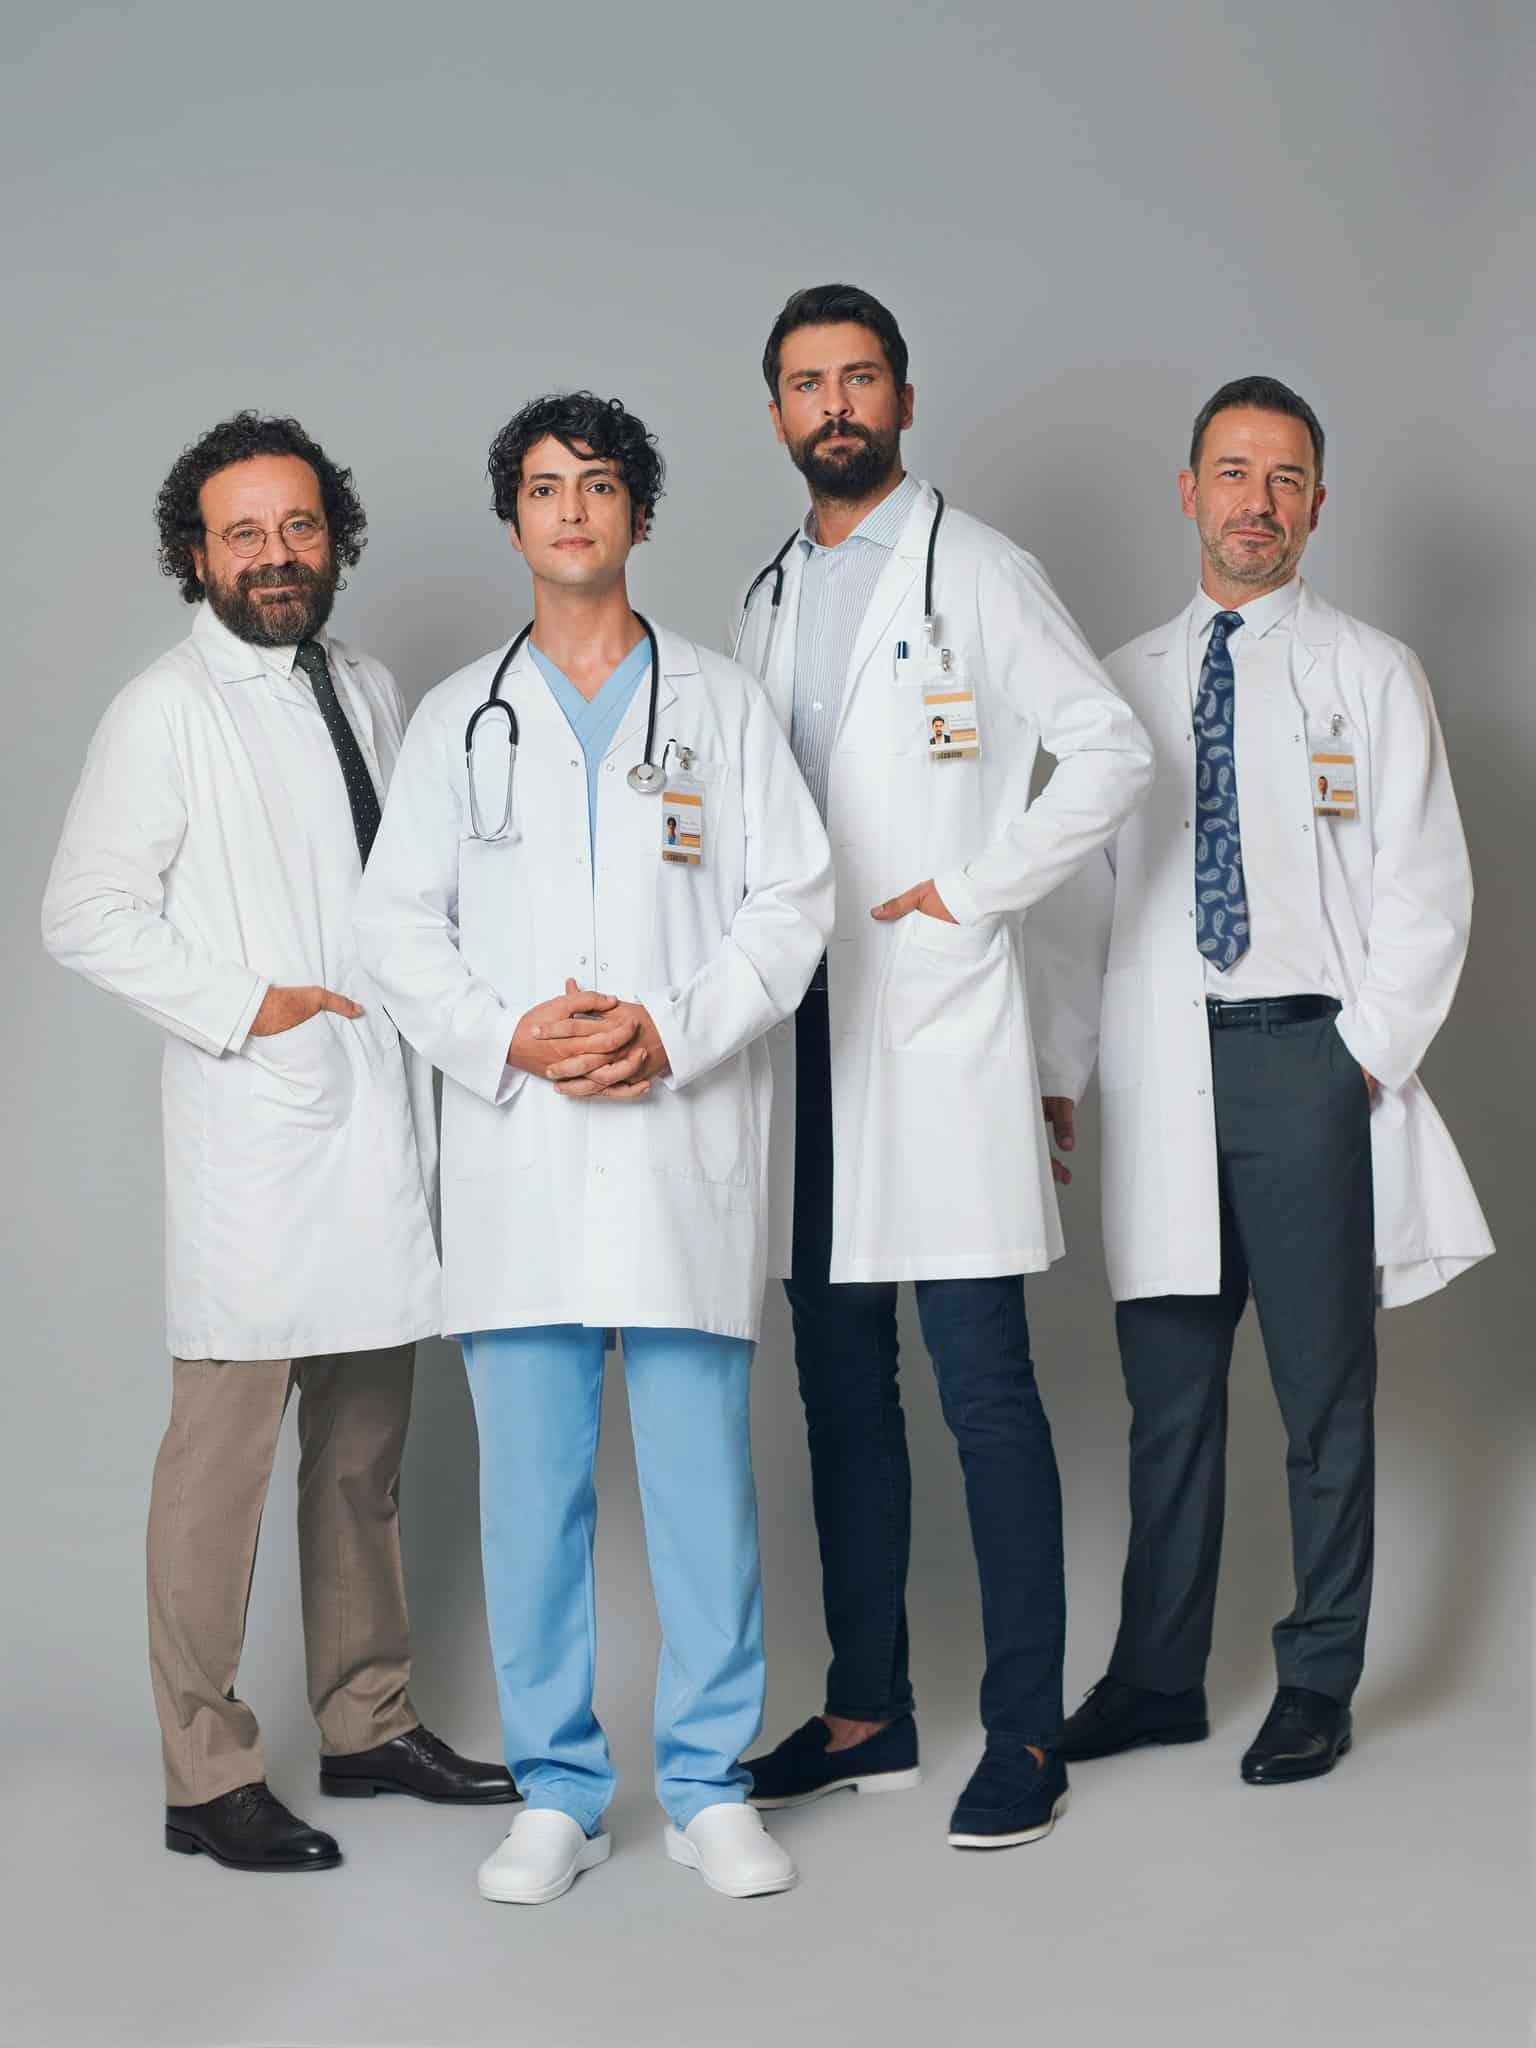 Mucize doktor dizisi oyuncuları